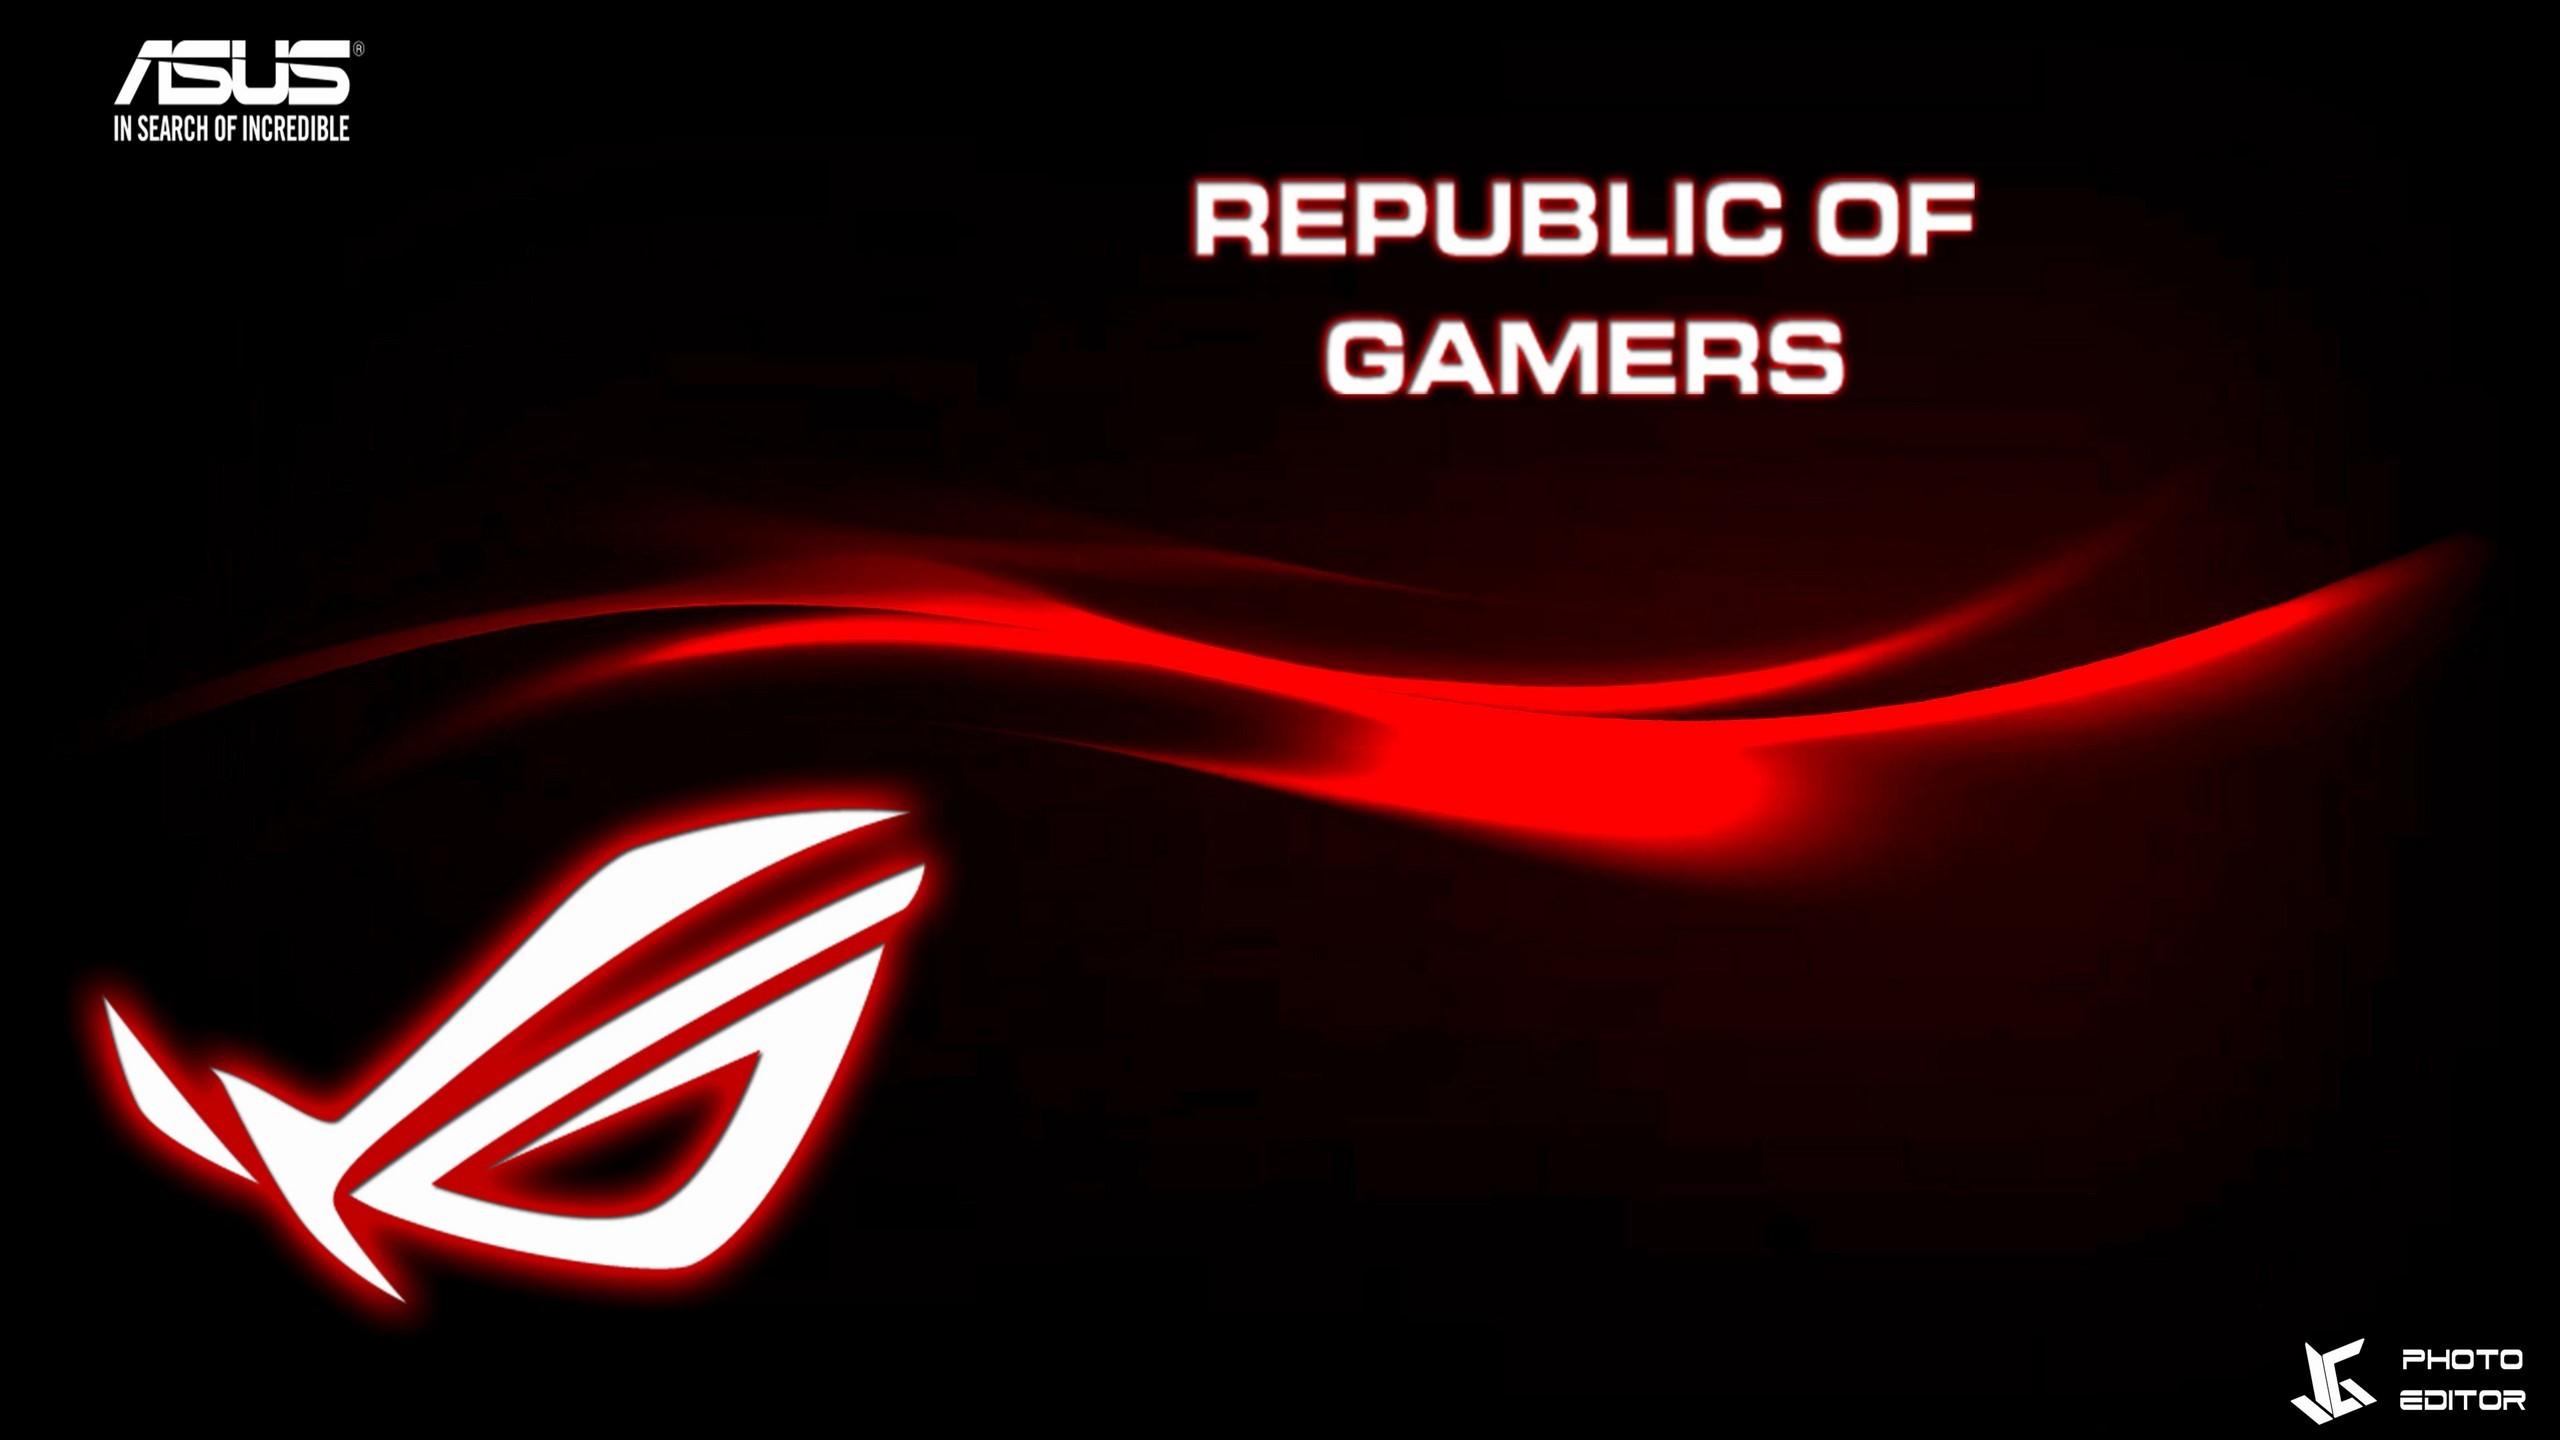 Asus Republic of Gamers 4K-3